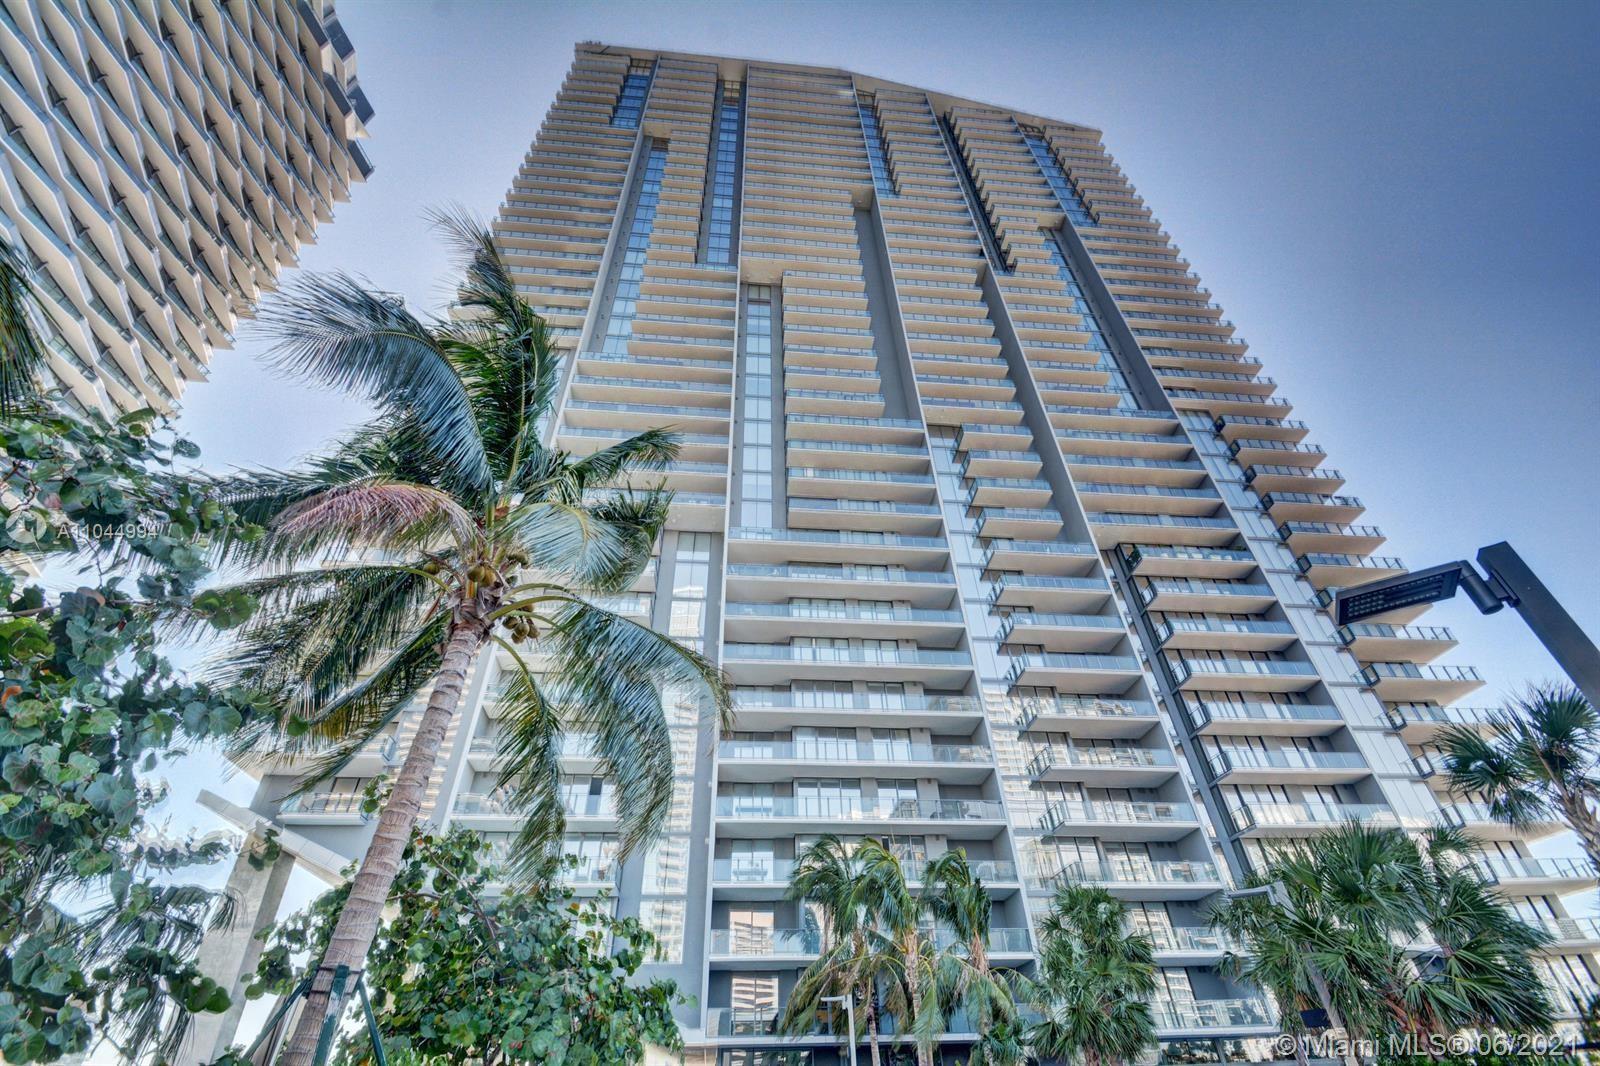 Rise Brickell City Centre #712 - 88 SW 7th St #712, Miami, FL 33130